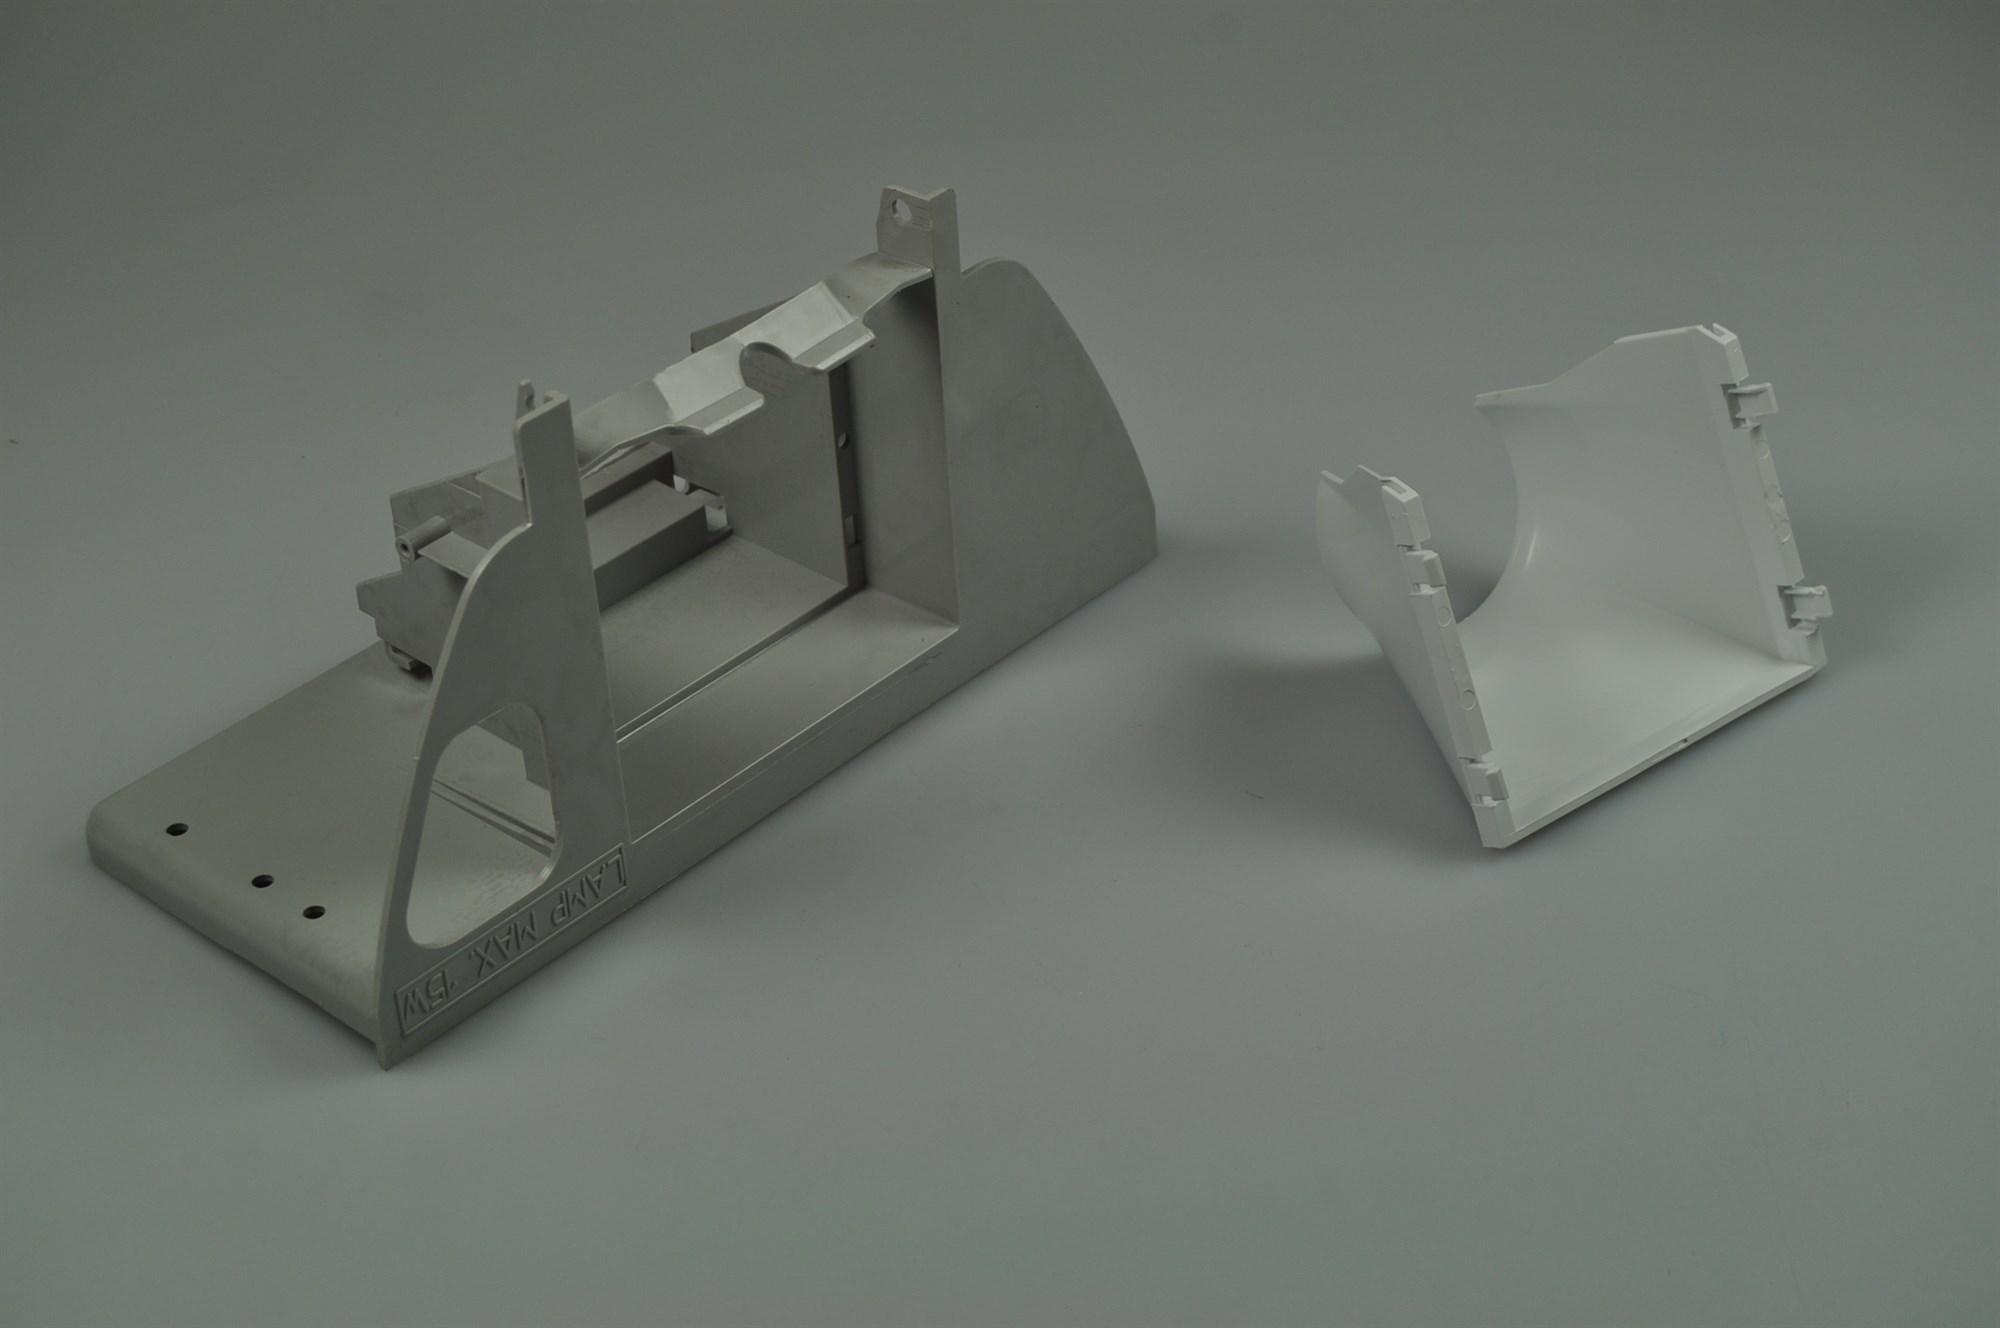 Lg Amerikanischer Kühlschrank Preis : Trichter für eiswürfelbereiter lg electronics side by side